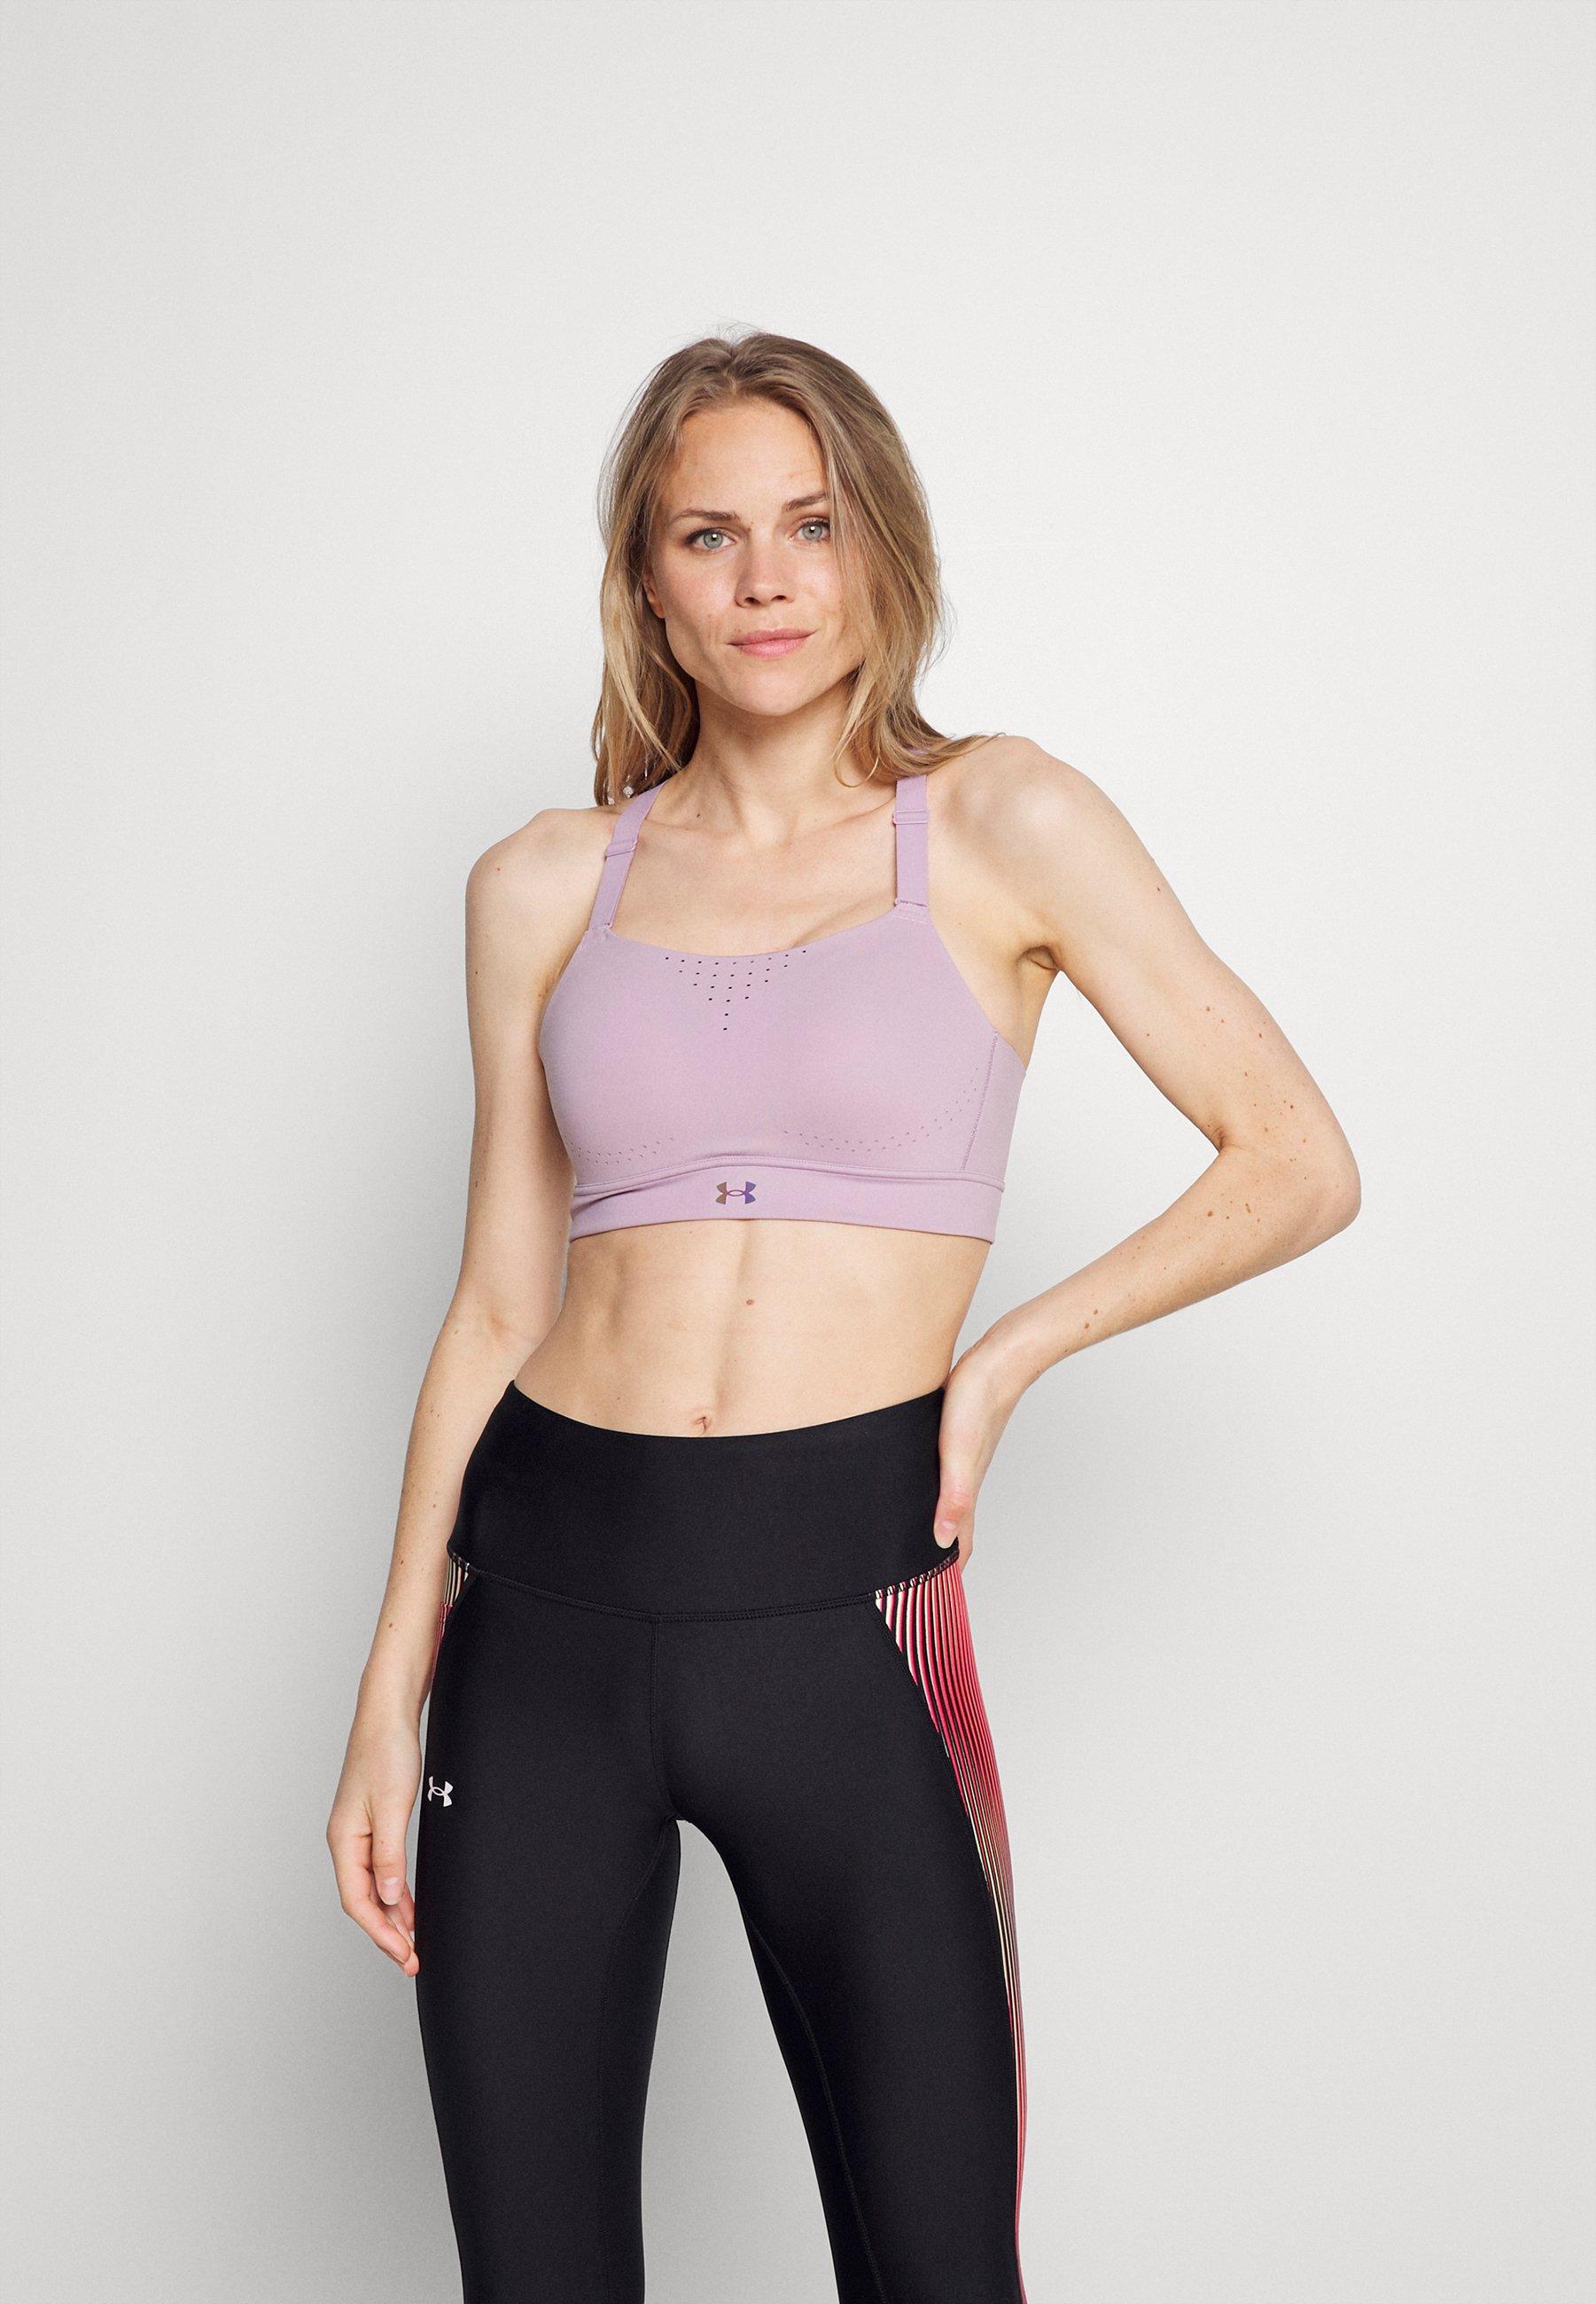 Women RUSH HIGH - High support sports bra